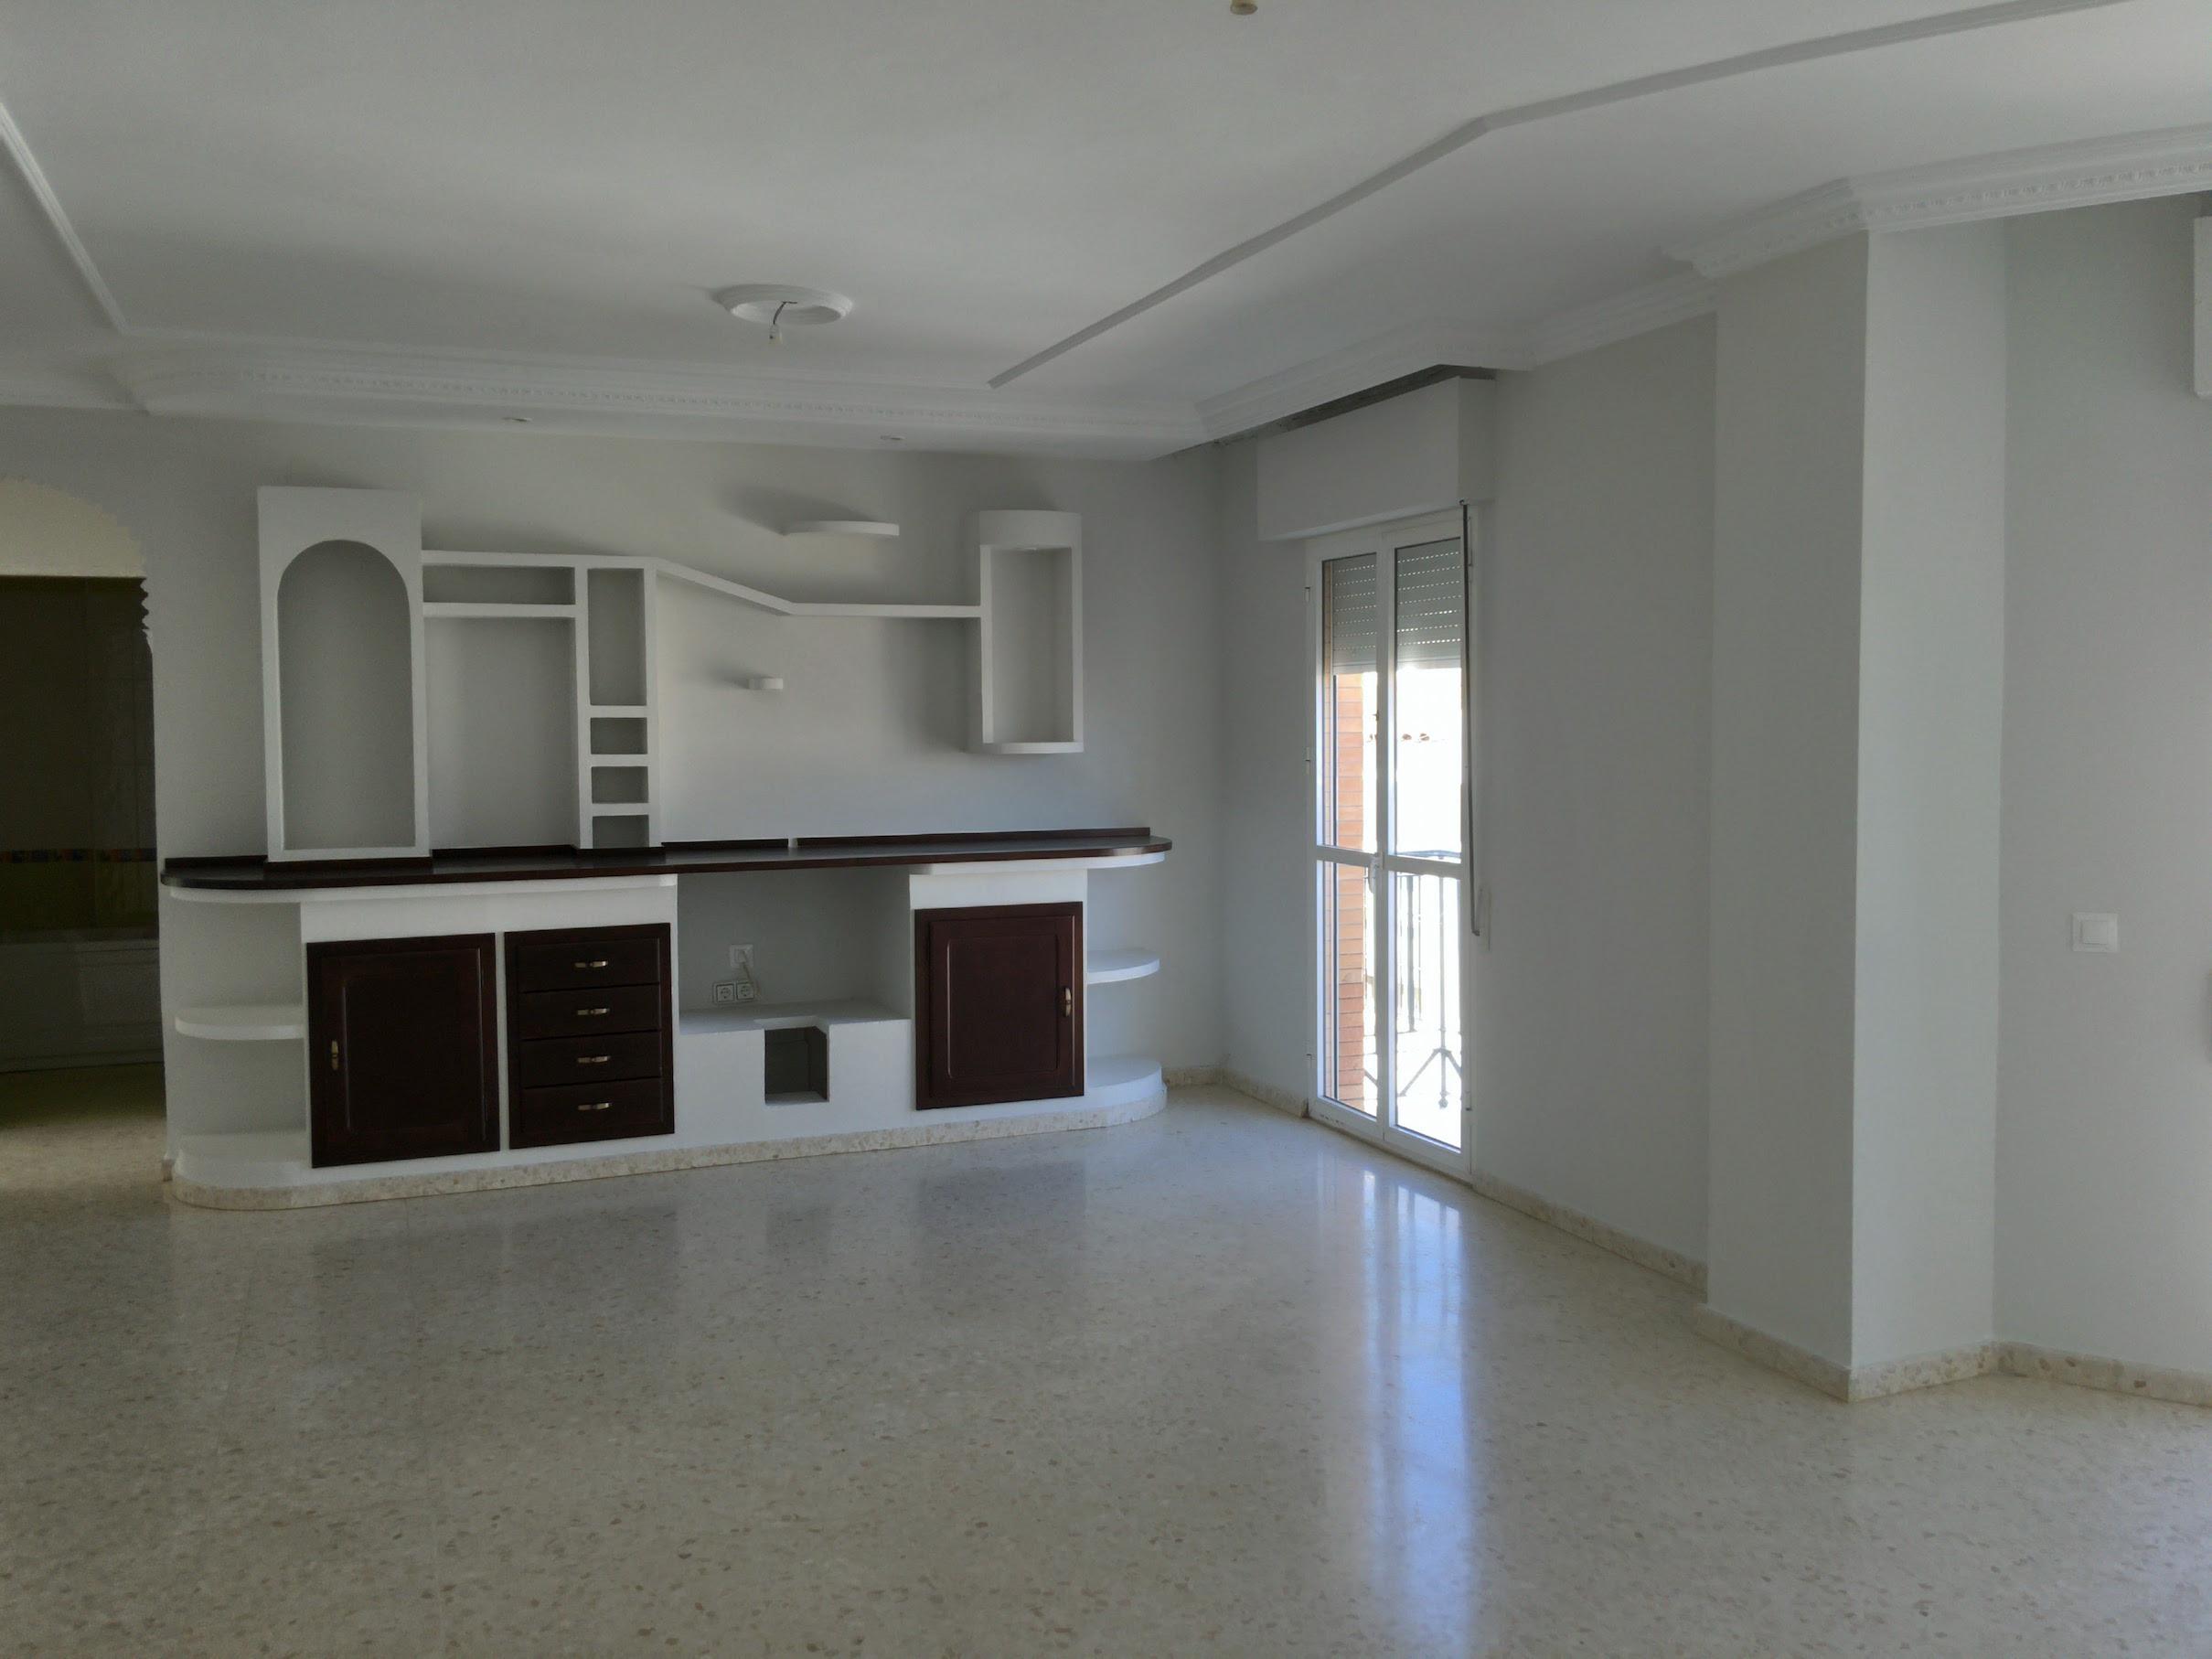 Piso en venta en Gibraleón, Huelva, Calle Palo Dulce, 94.000 €, 3 habitaciones, 2 baños, 113 m2